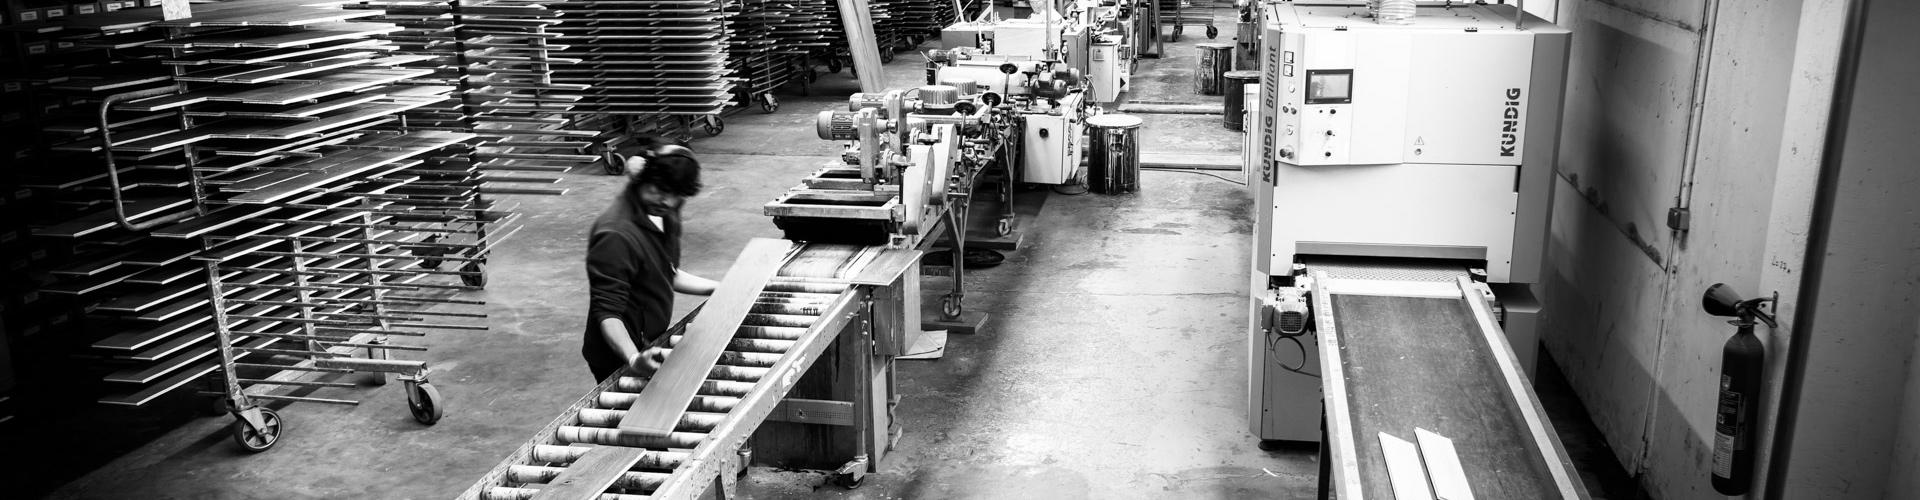 Manufacture-Parquet-Emois-Et-Bois-Sevres-92-slide